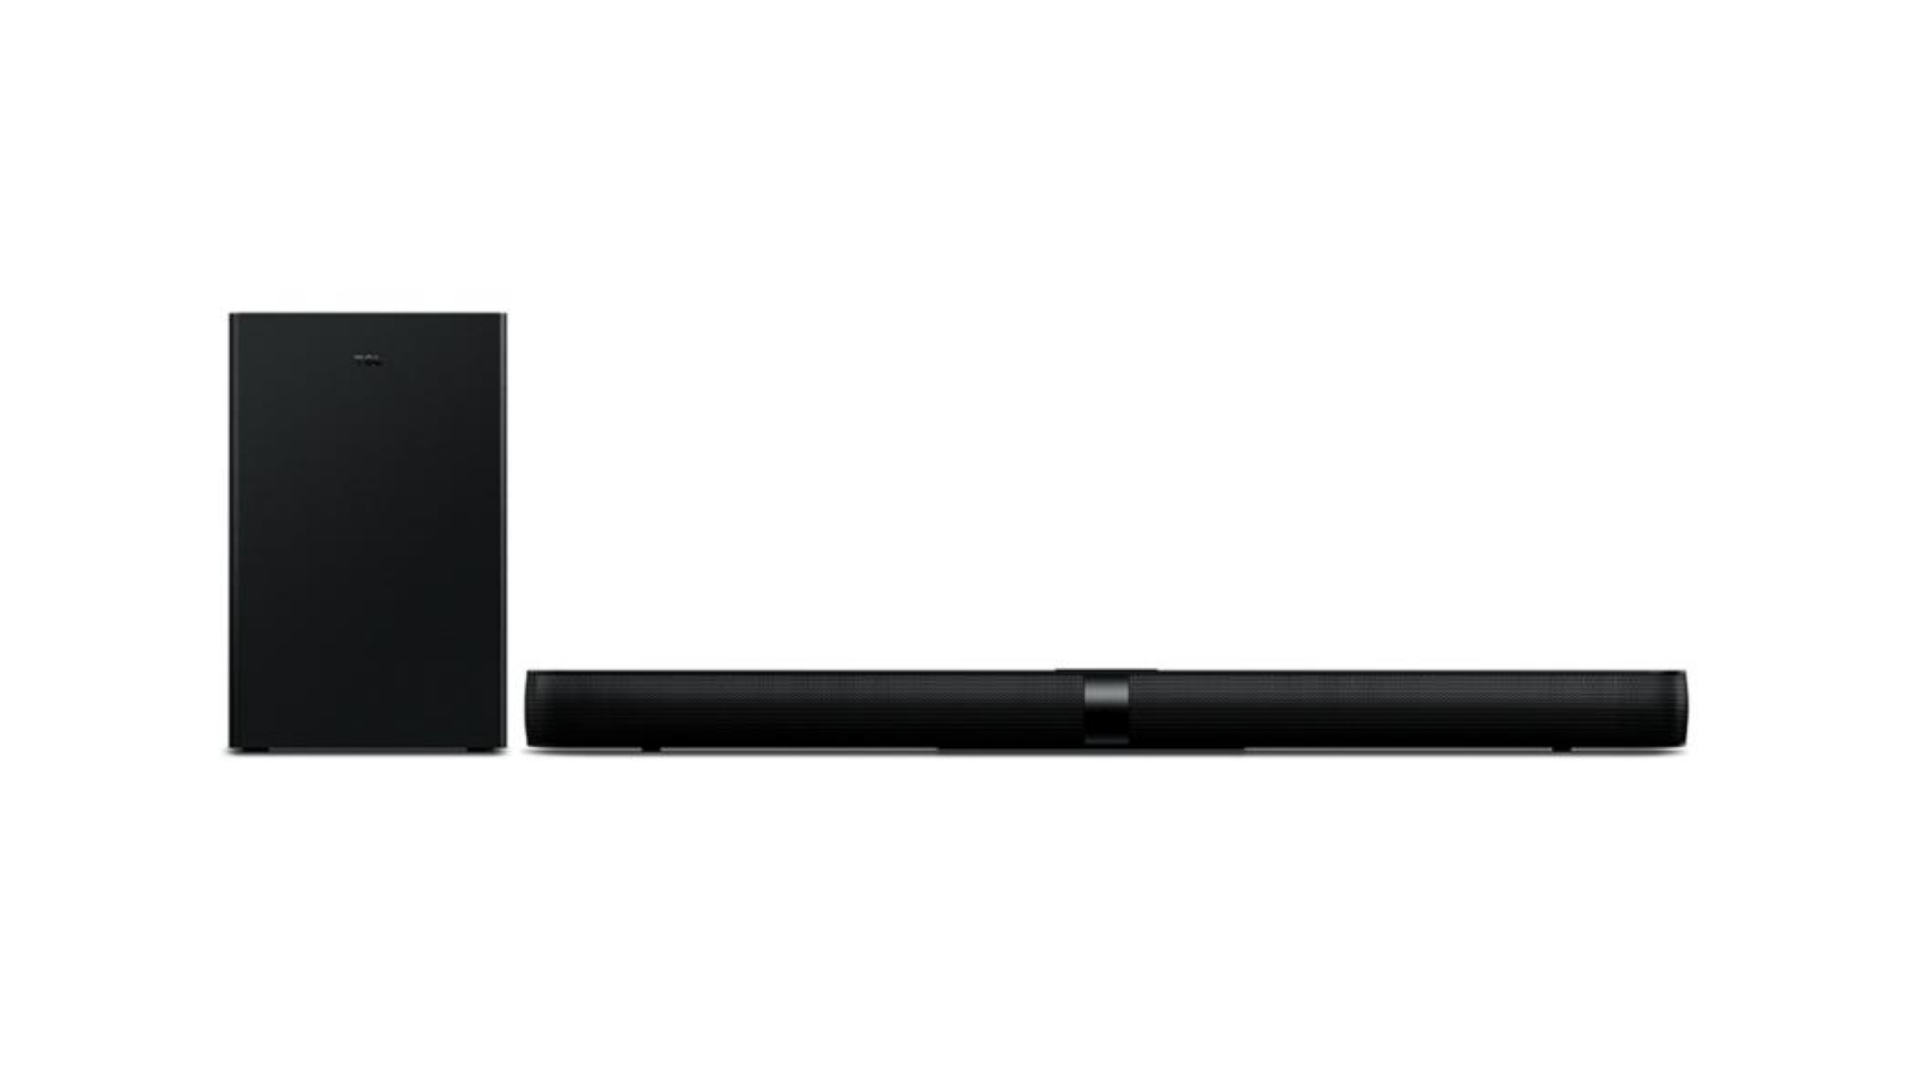 Desenvolvida em plástico fosco, a Soundbar TCL traz um design moderno para o seu rack. (Imagem: Divulgação/TCL)